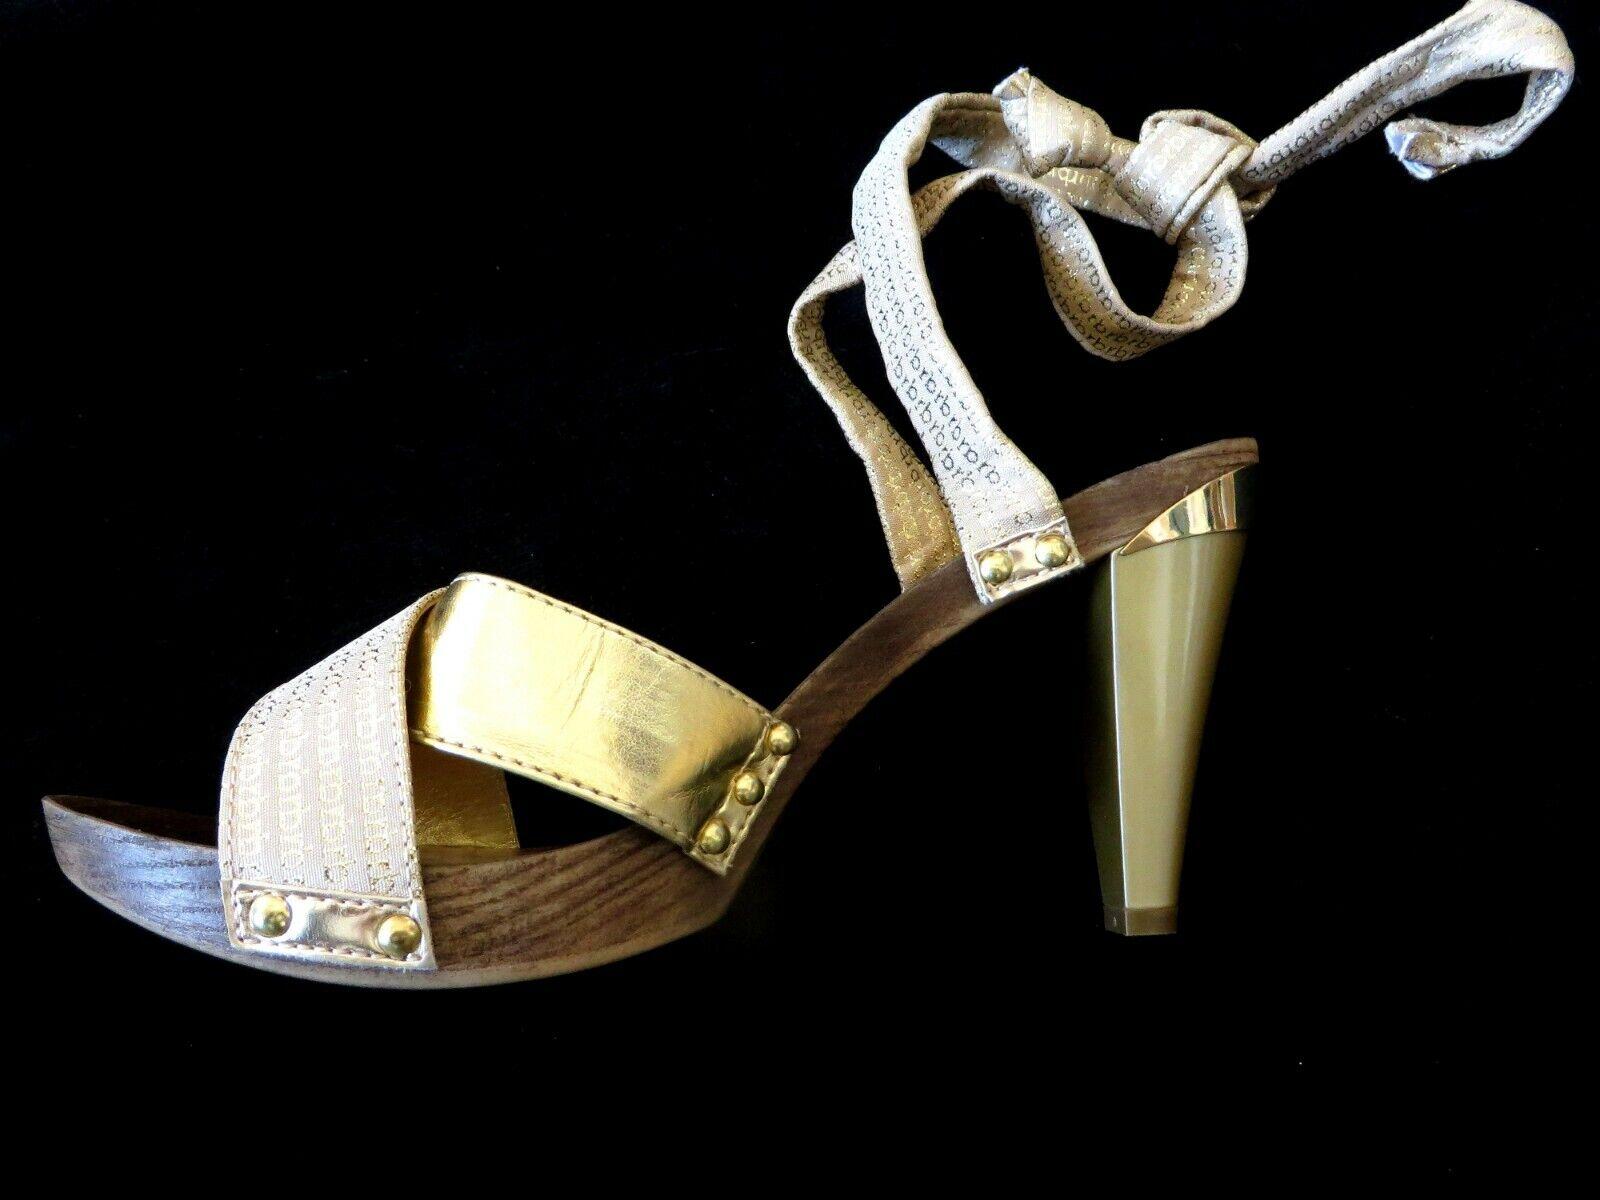 risparmia fino al 70% di sconto RB MADE IN ITALY ITALIAN Designer Colore oro oro oro Metallico in Pelle Sandali Scarpe 40  risparmia il 35% - 70% di sconto